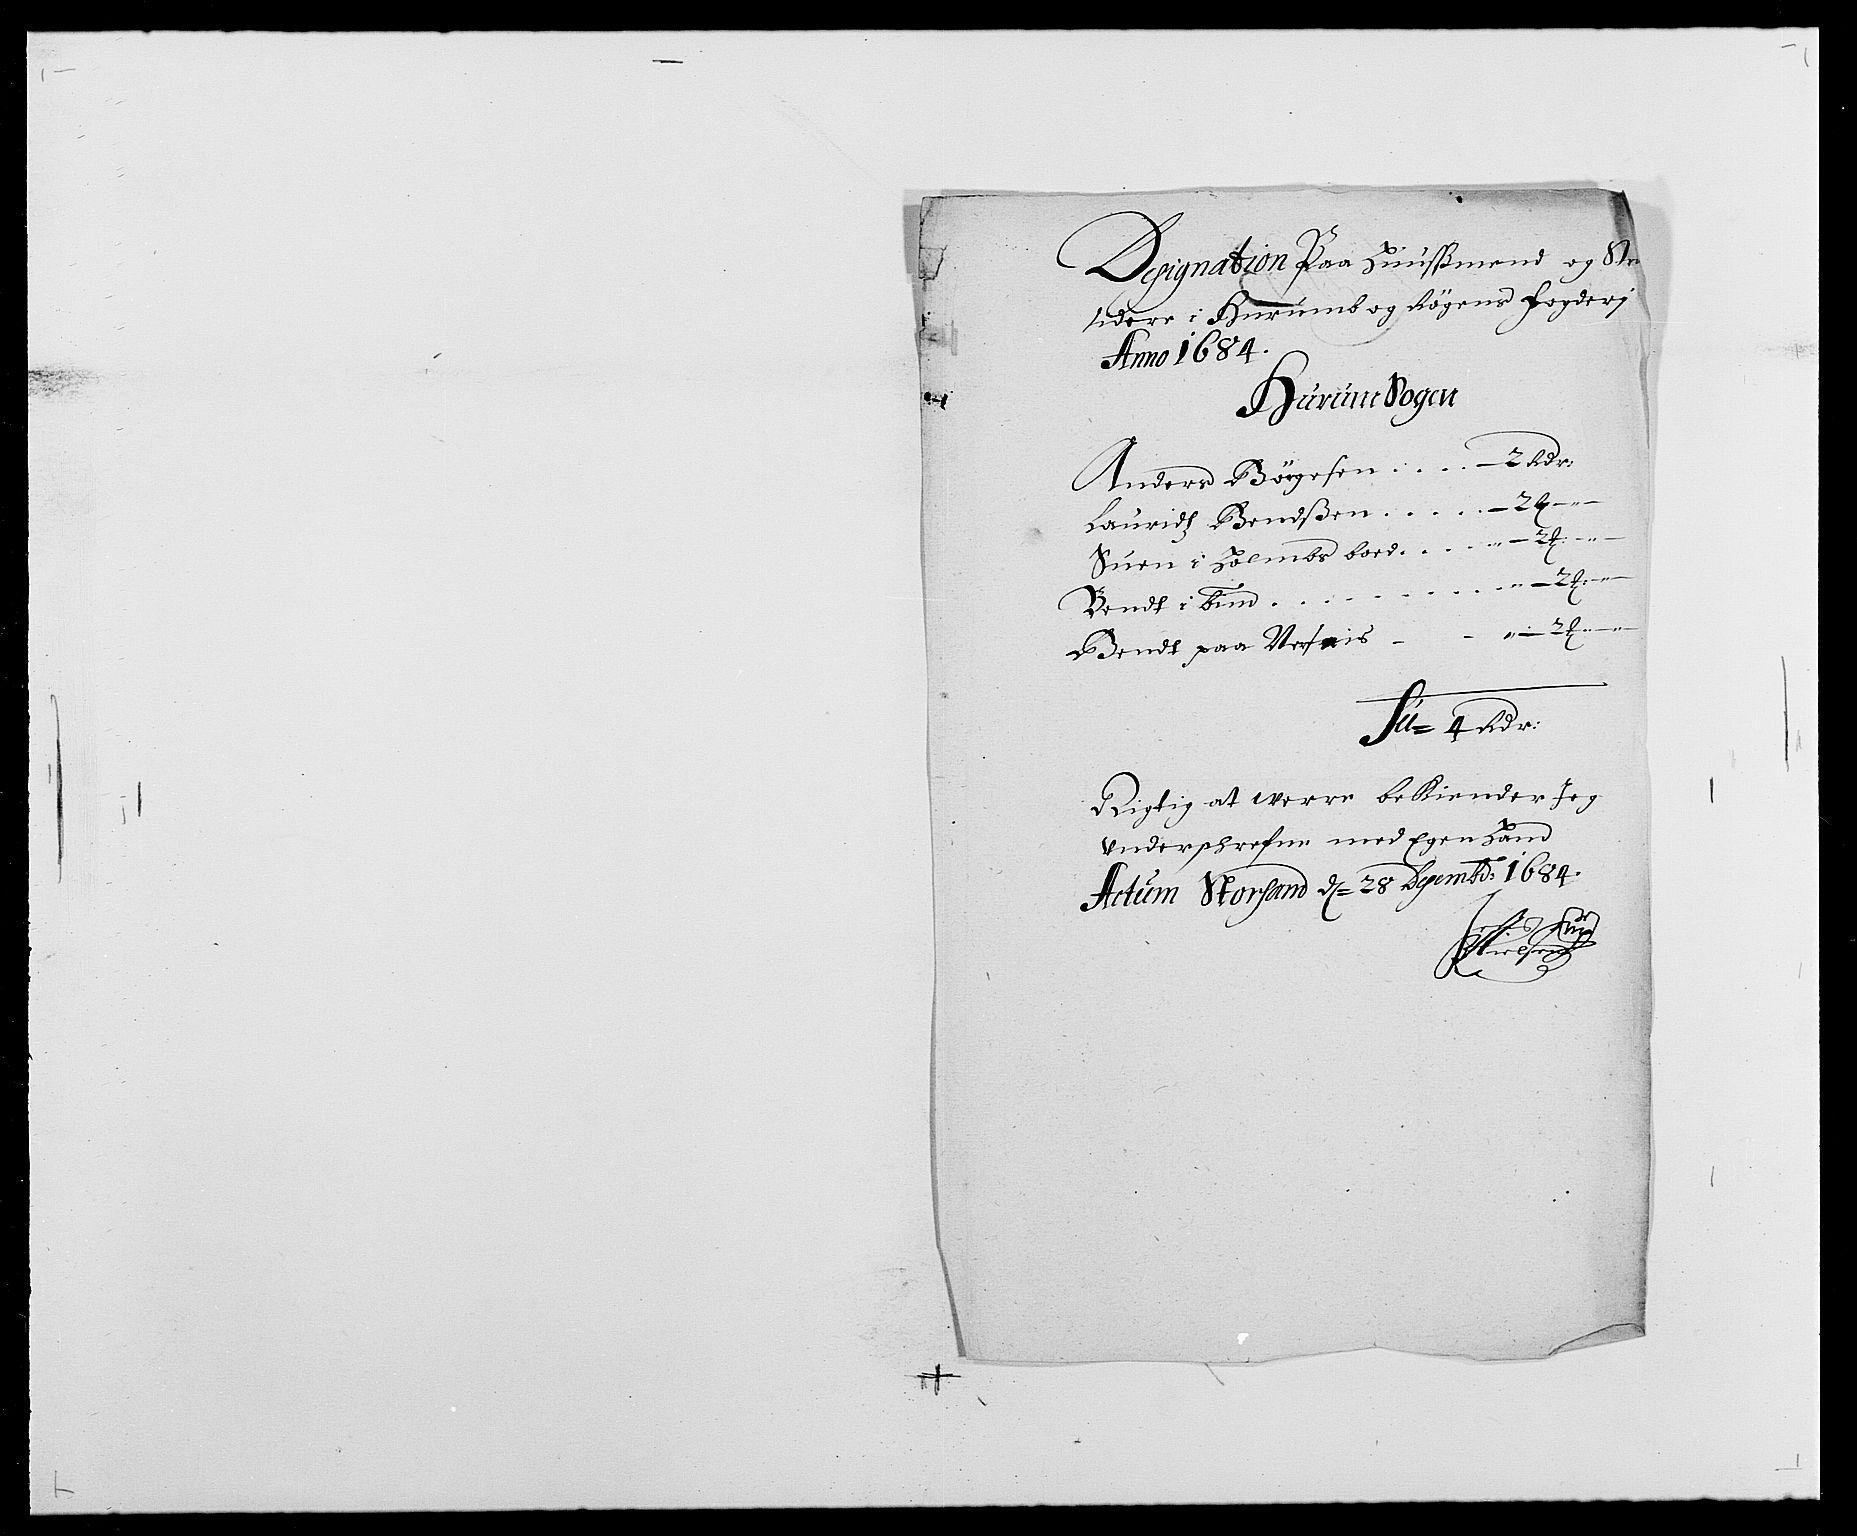 RA, Rentekammeret inntil 1814, Reviderte regnskaper, Fogderegnskap, R29/L1692: Fogderegnskap Hurum og Røyken, 1682-1687, s. 209